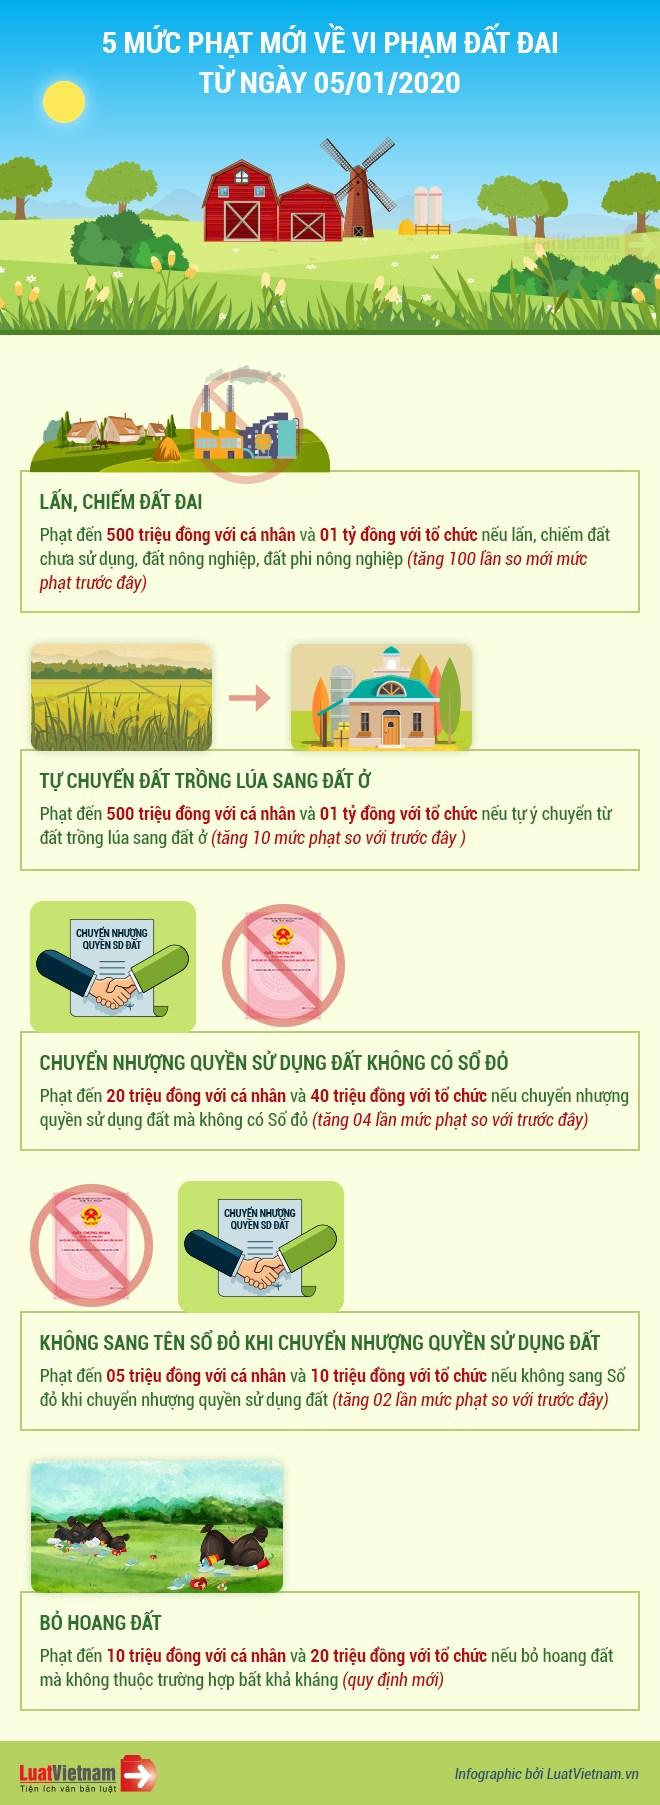 [Infographics] 5 mức phạt mới về vi phạm đất đai từ 05/01/2020 - Ảnh 1